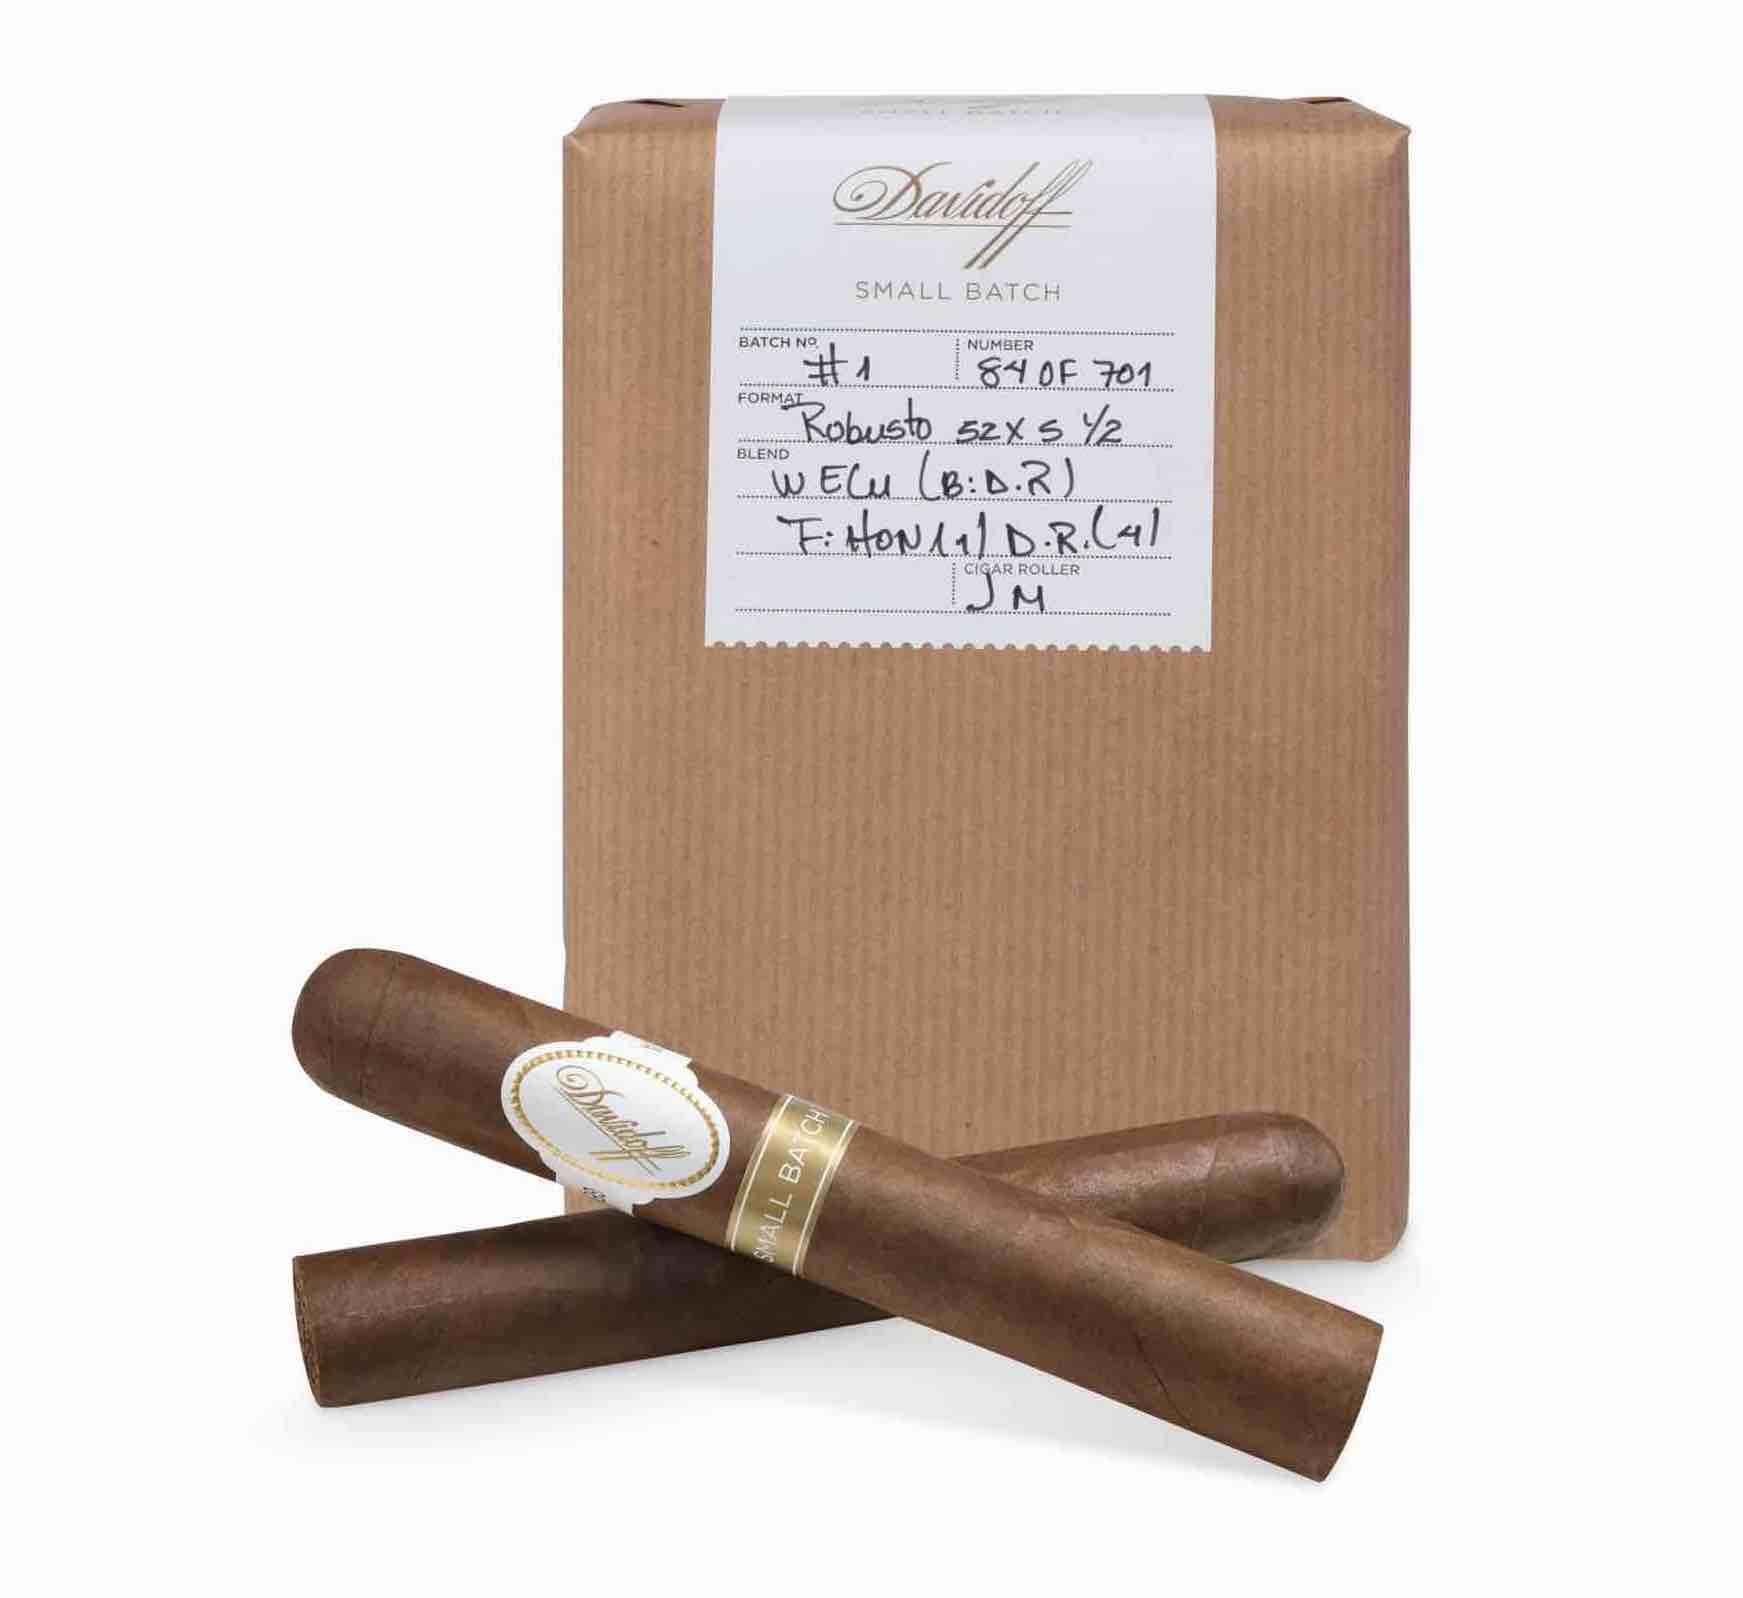 Cigar News: Davidoff Small Batch Series Announced